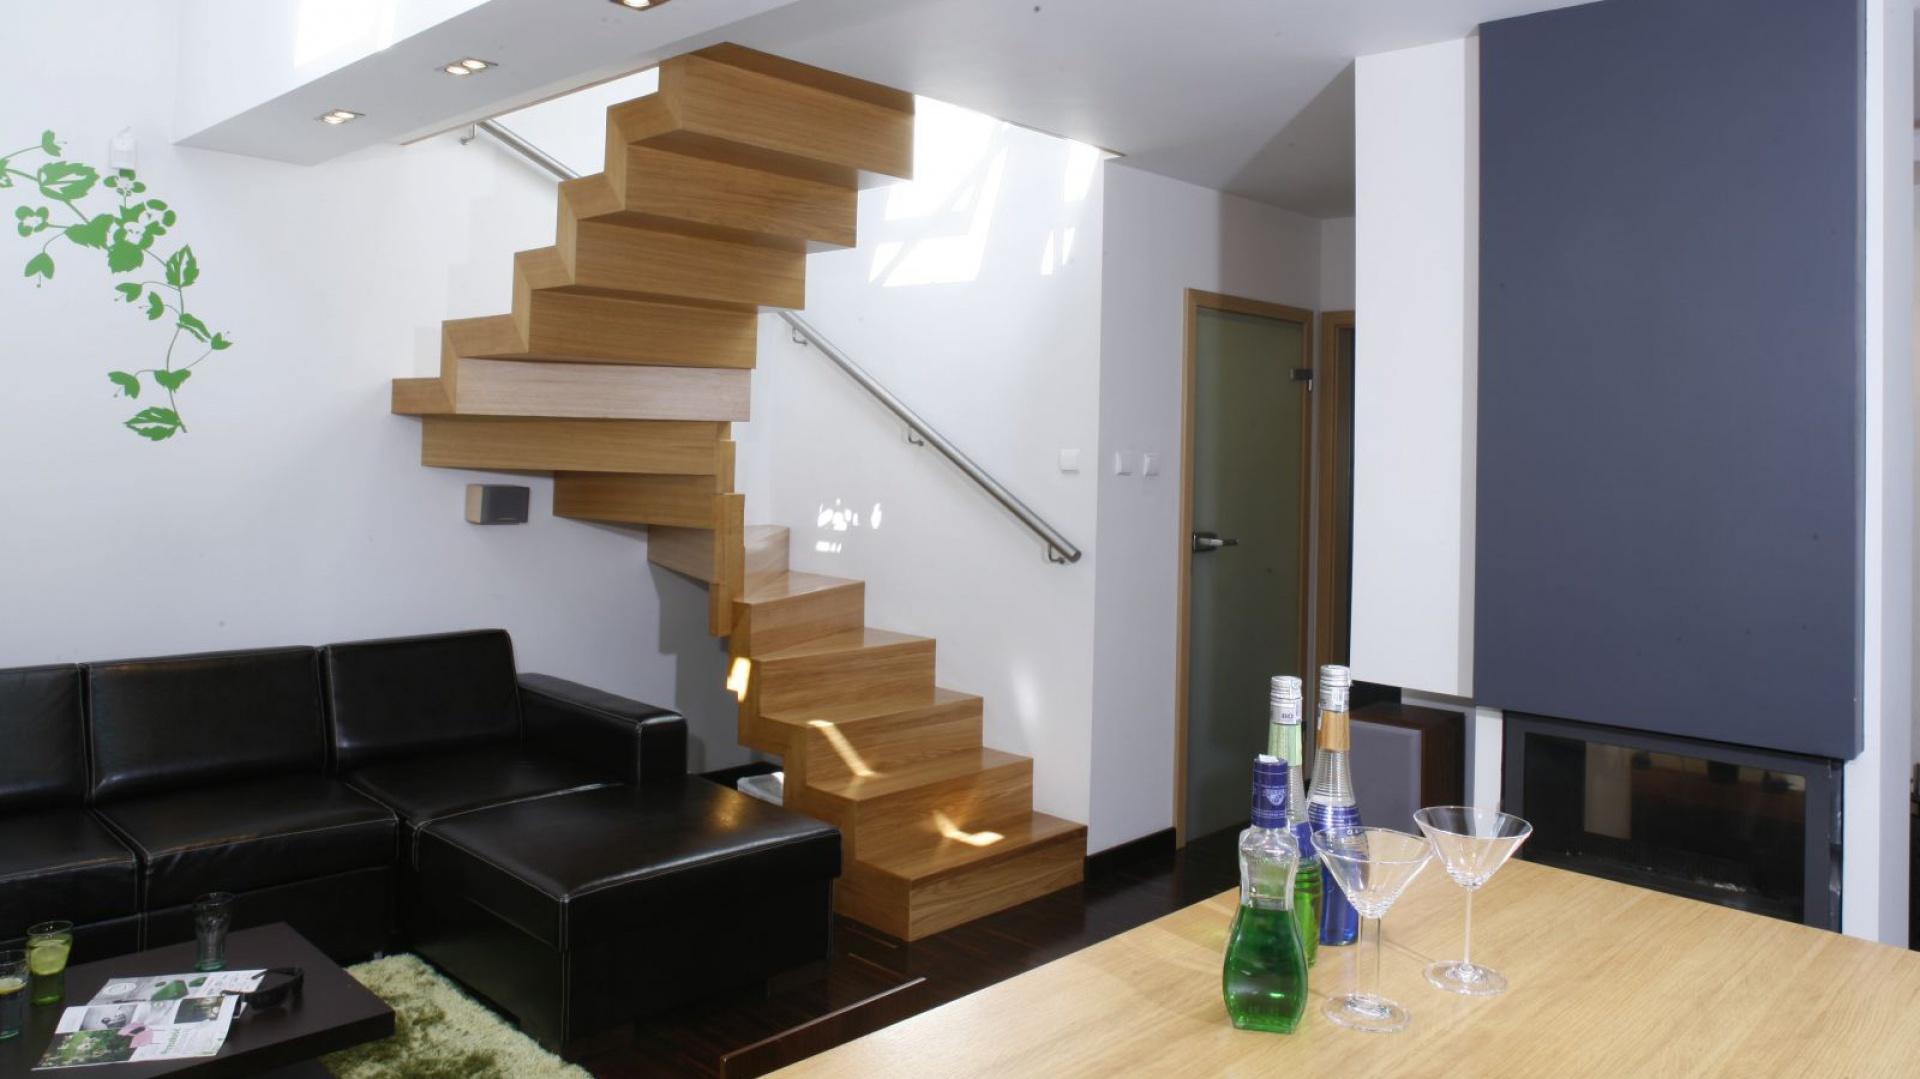 Nowoczesne, drewniane schody są efektownym detalem w aranżacji salonu. Fot. Archiwum Dobrze Mieszkaj.